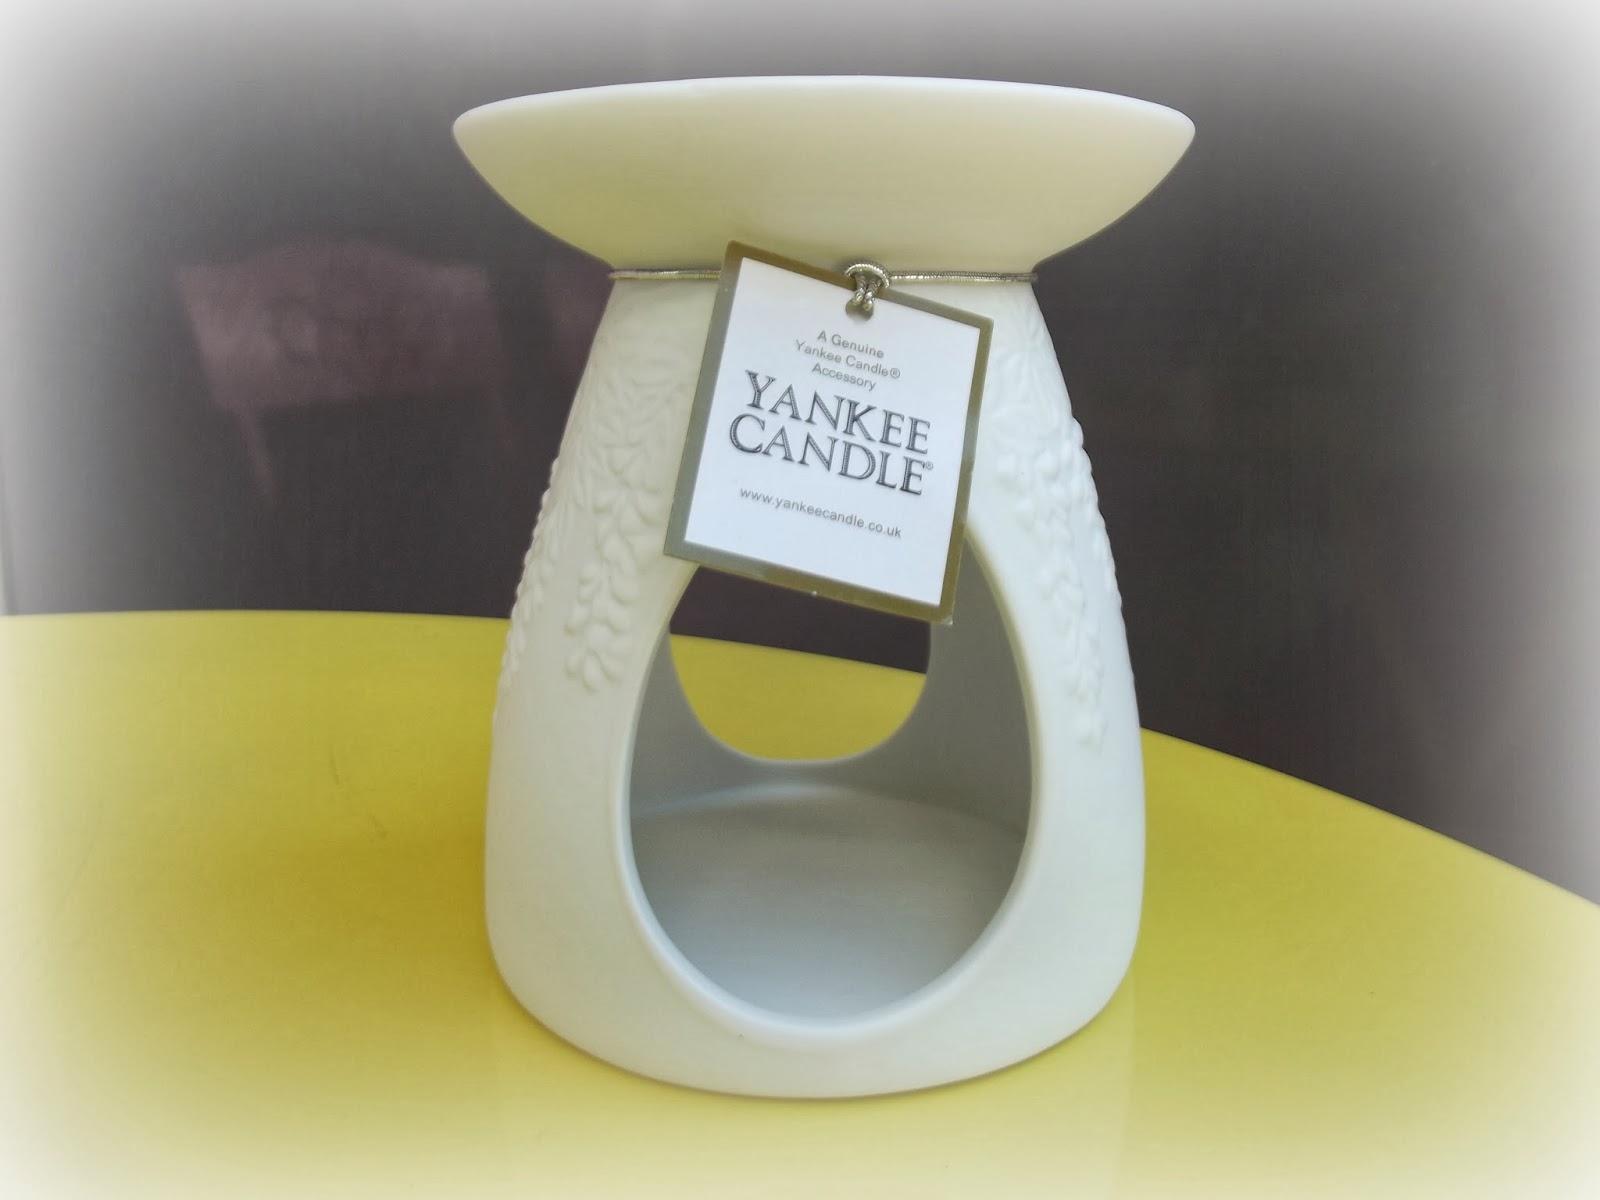 laure a un blog bon plan des bougies yankee candle dijon. Black Bedroom Furniture Sets. Home Design Ideas